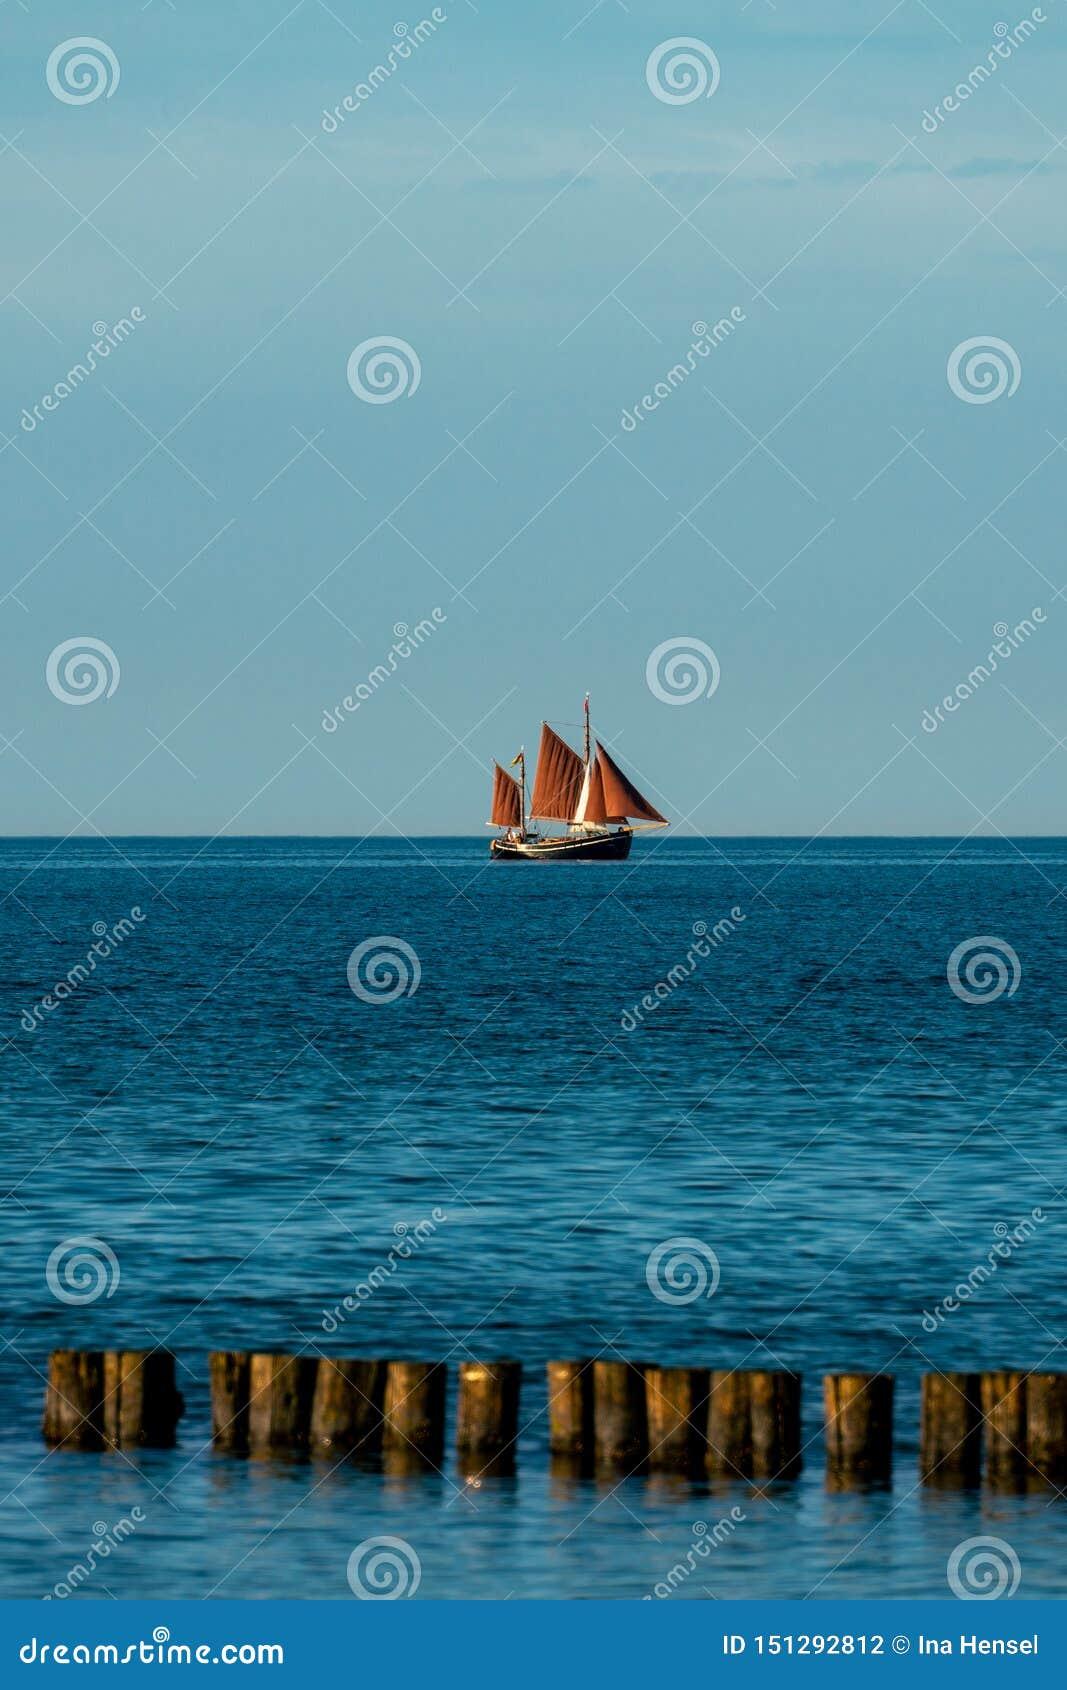 与一艘帆船的风景海洋图片有棕色风帆的